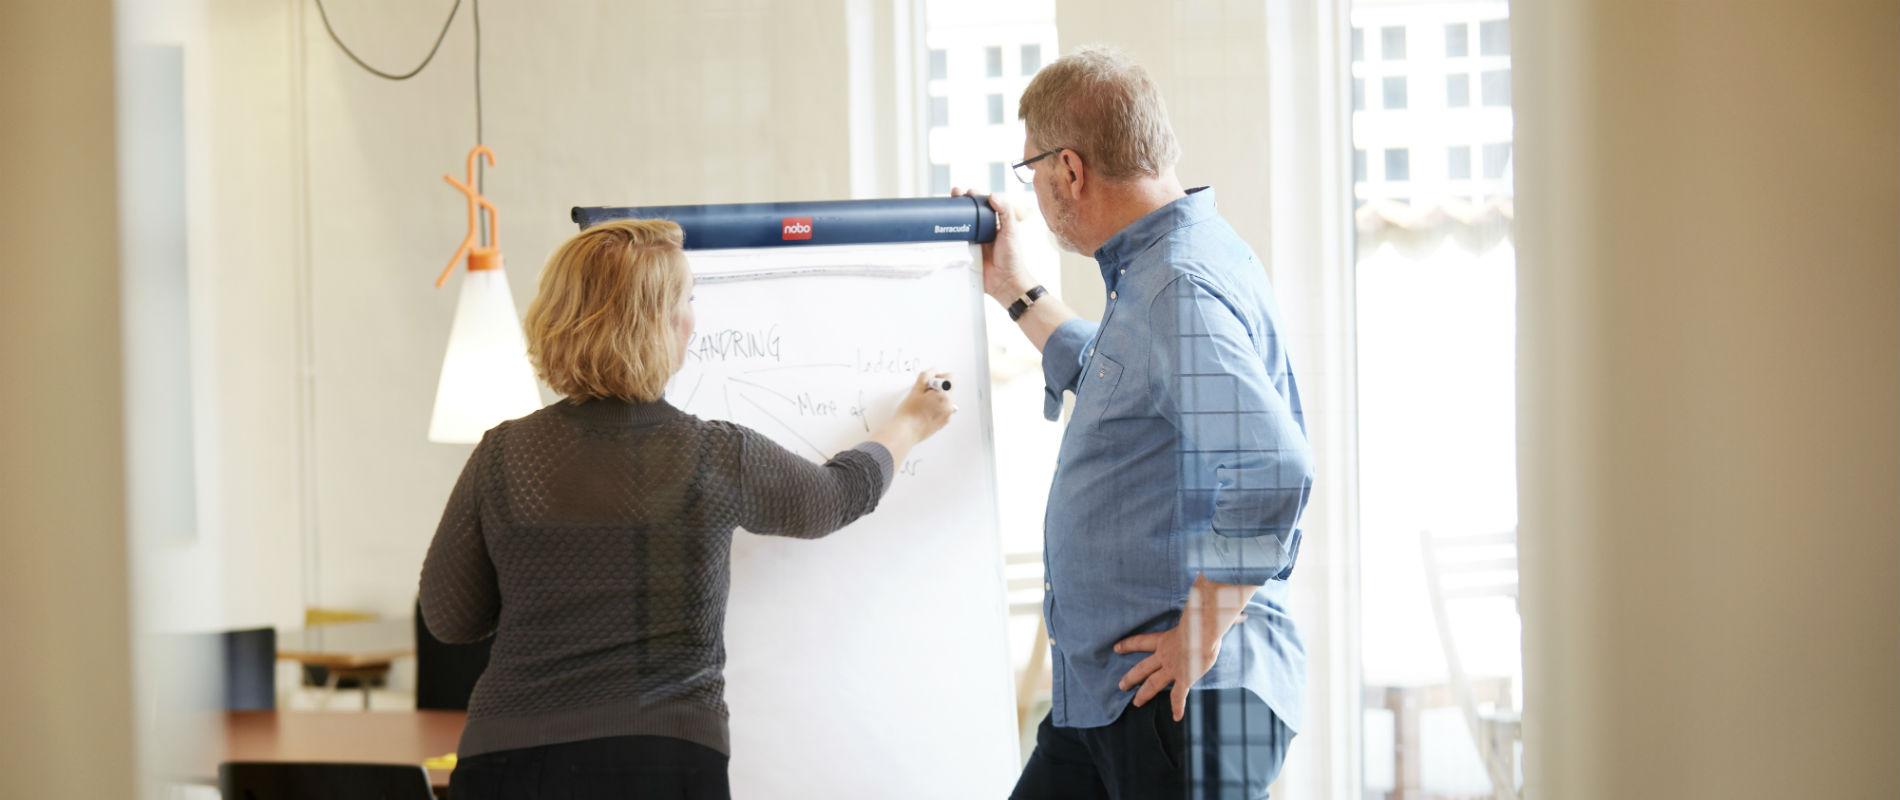 tegning til undervisning, vejledning og projektarbejde til brug i læringsituationer